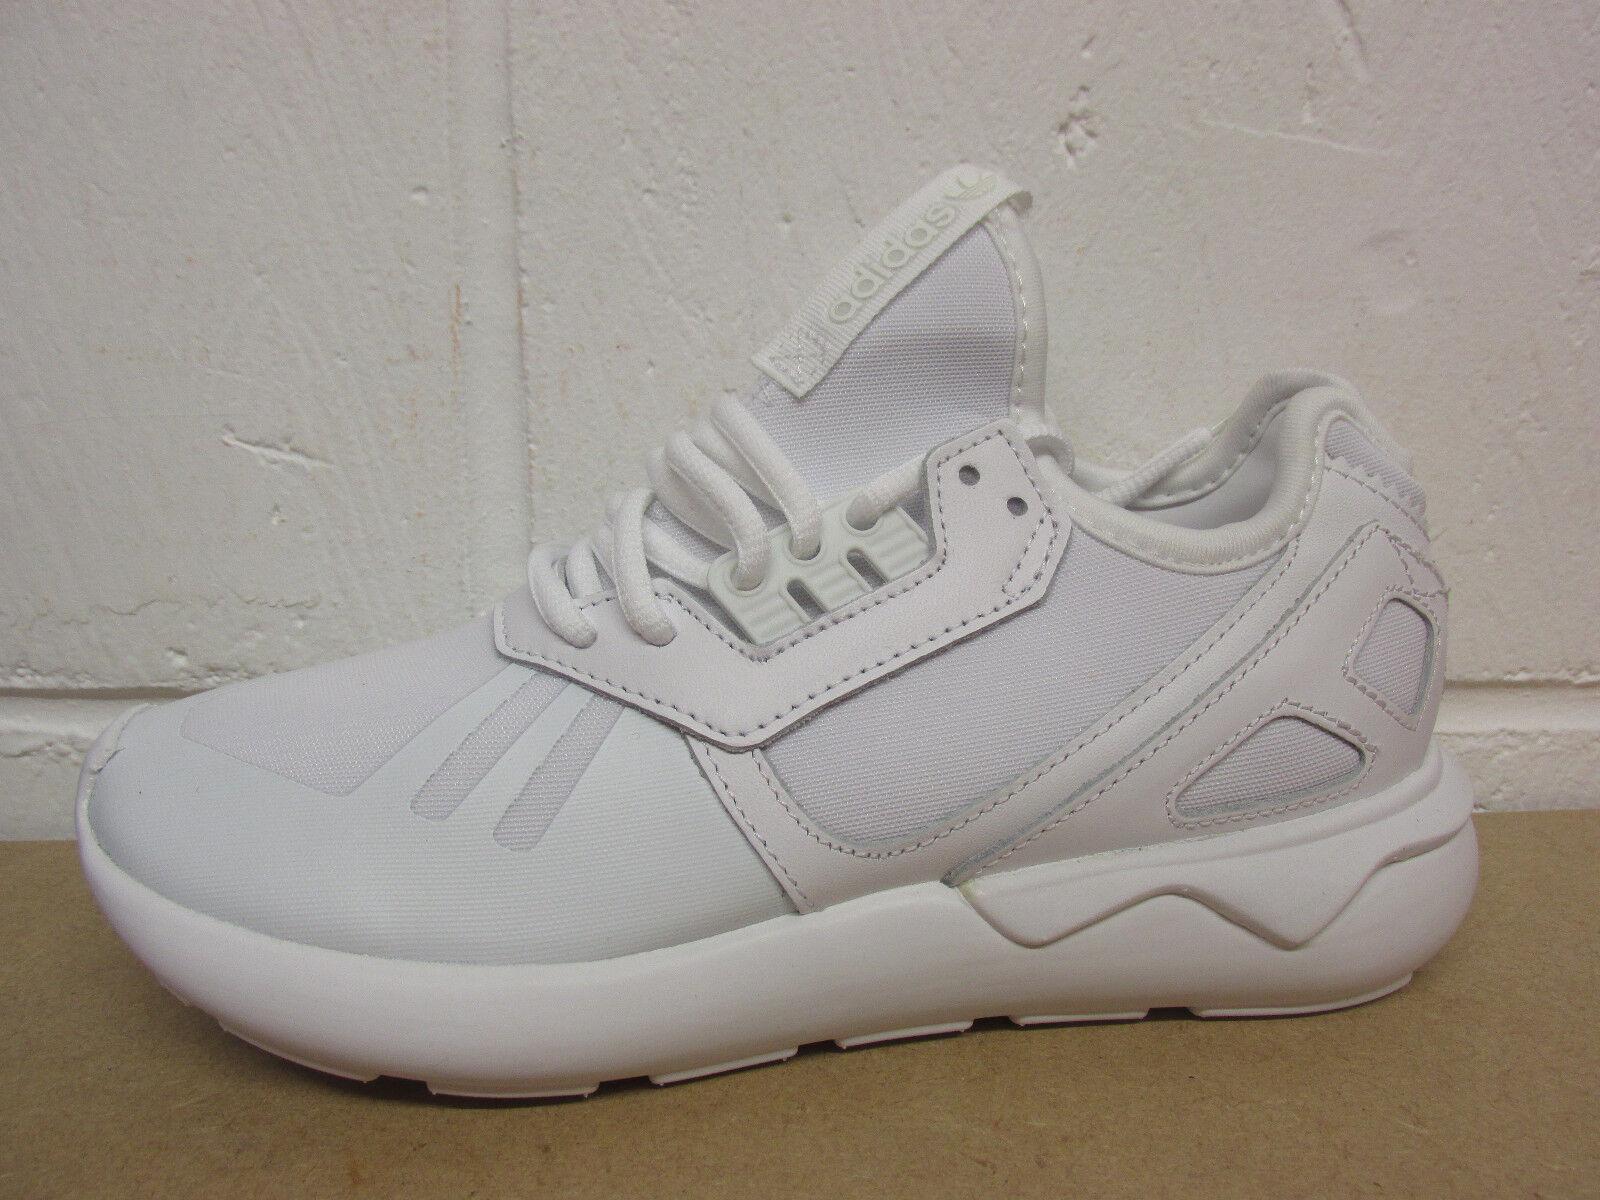 7289c3771 ... wholesale adidas originals tubular runner sneakers damenschuhe running  trainers b25087 sneakers runner schuhes 082d29 a48aa 004d6